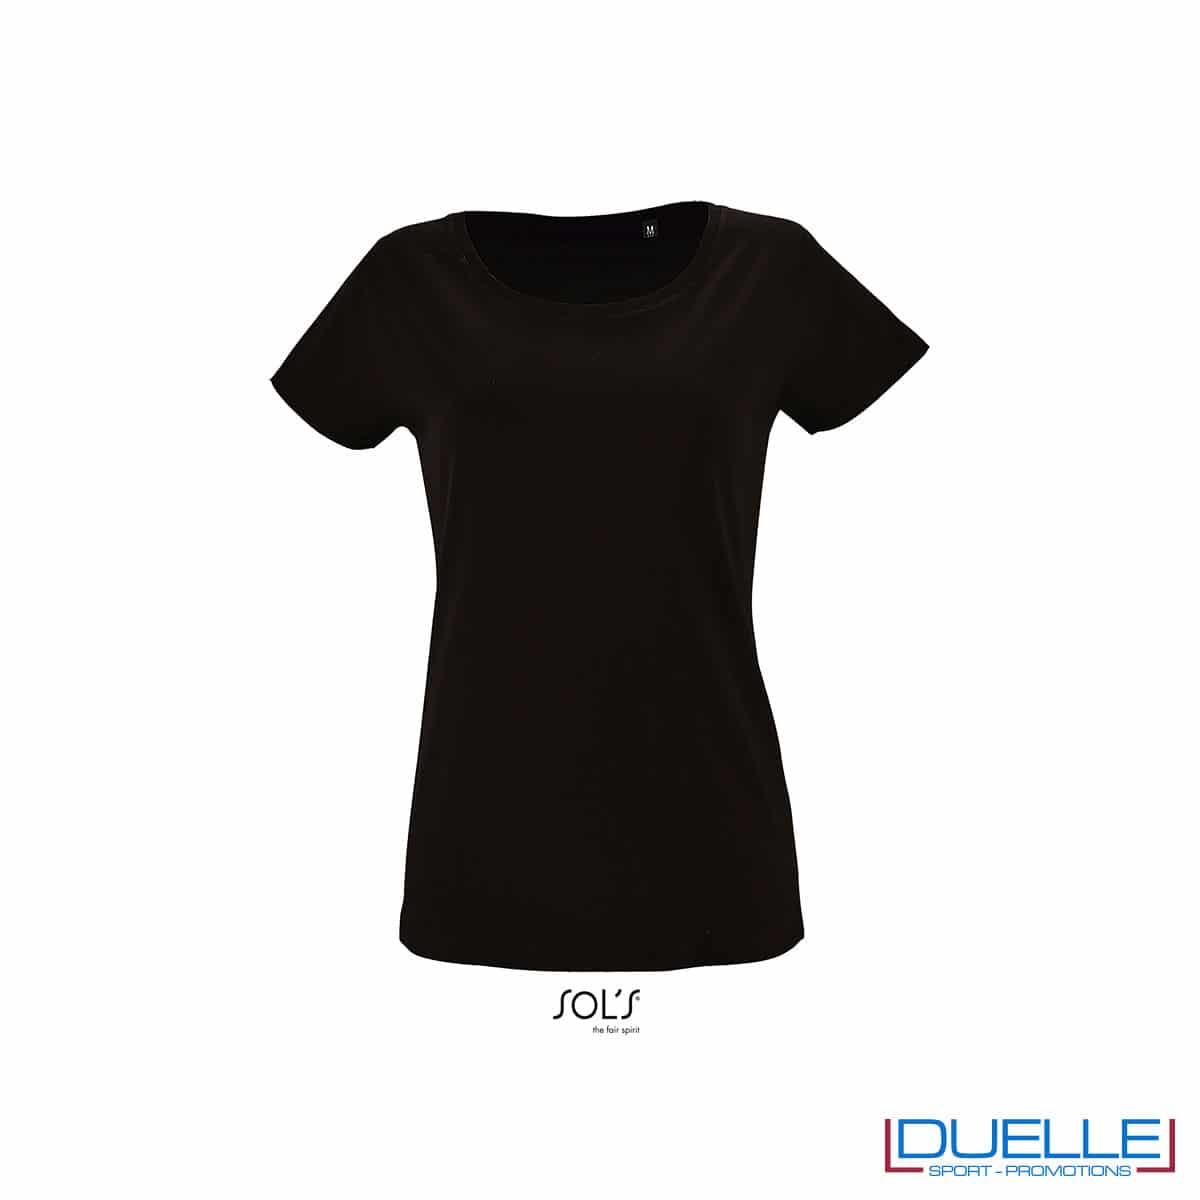 maglia donna colore nero jersey